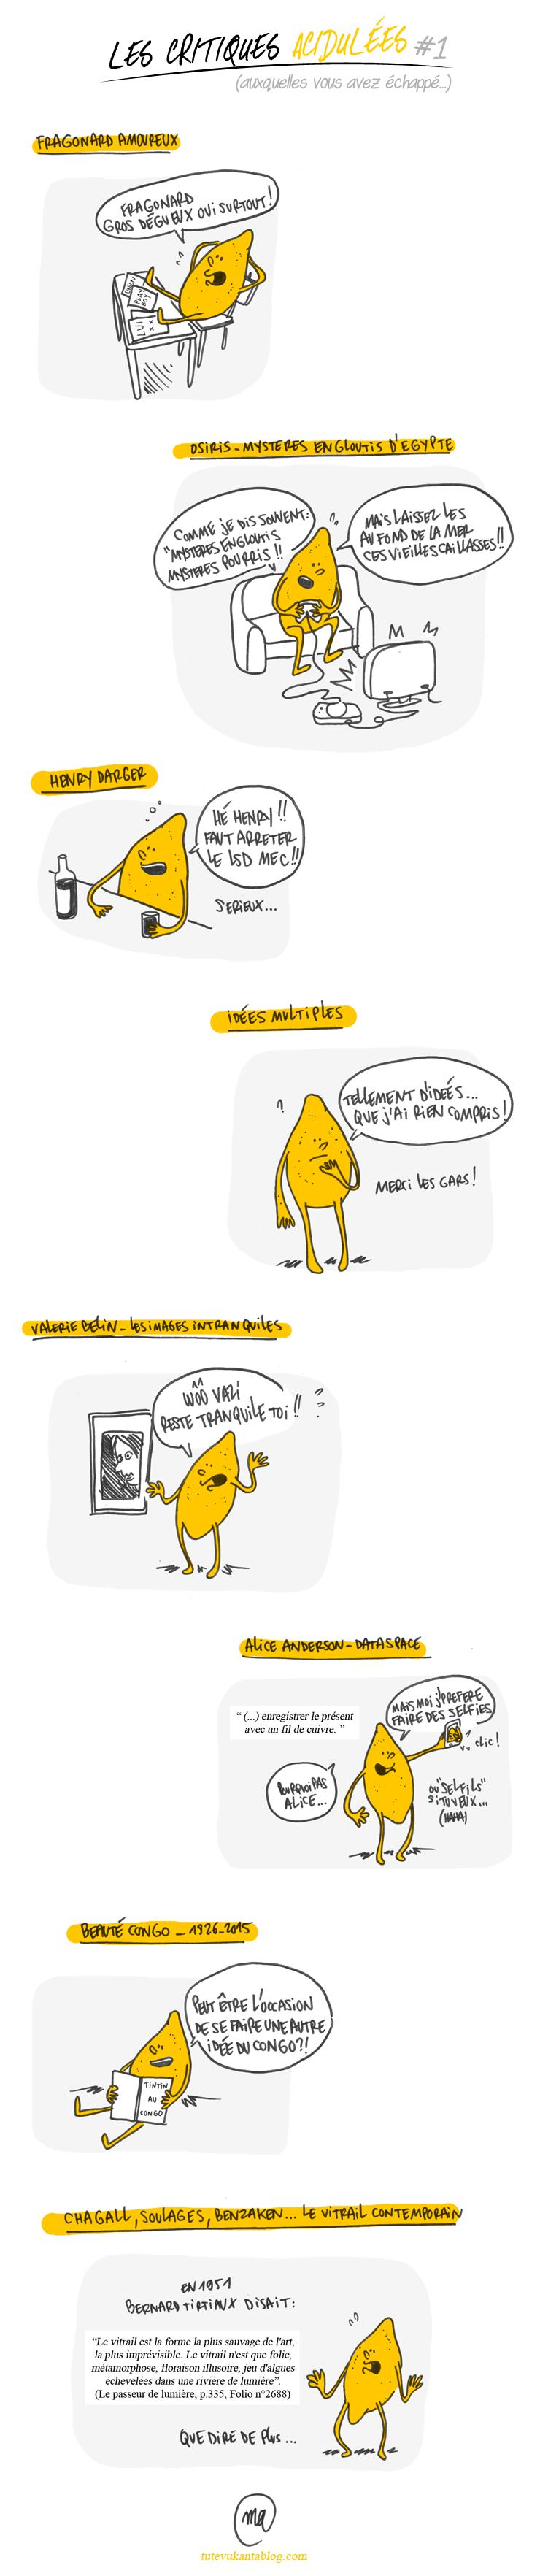 les-critiques-de-zest_201509_740